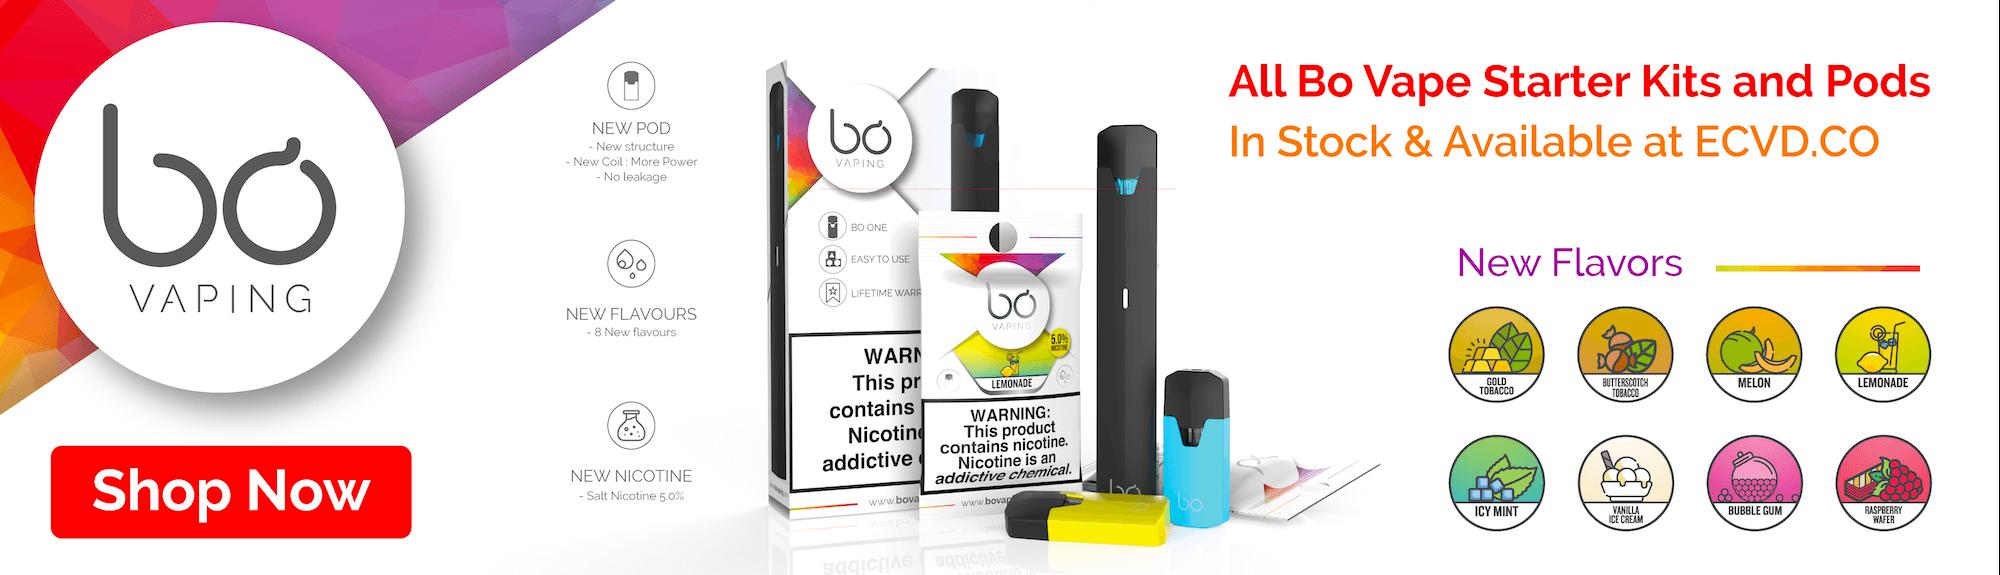 BO Vape Banner - Bo Vape Pods, Kits & More